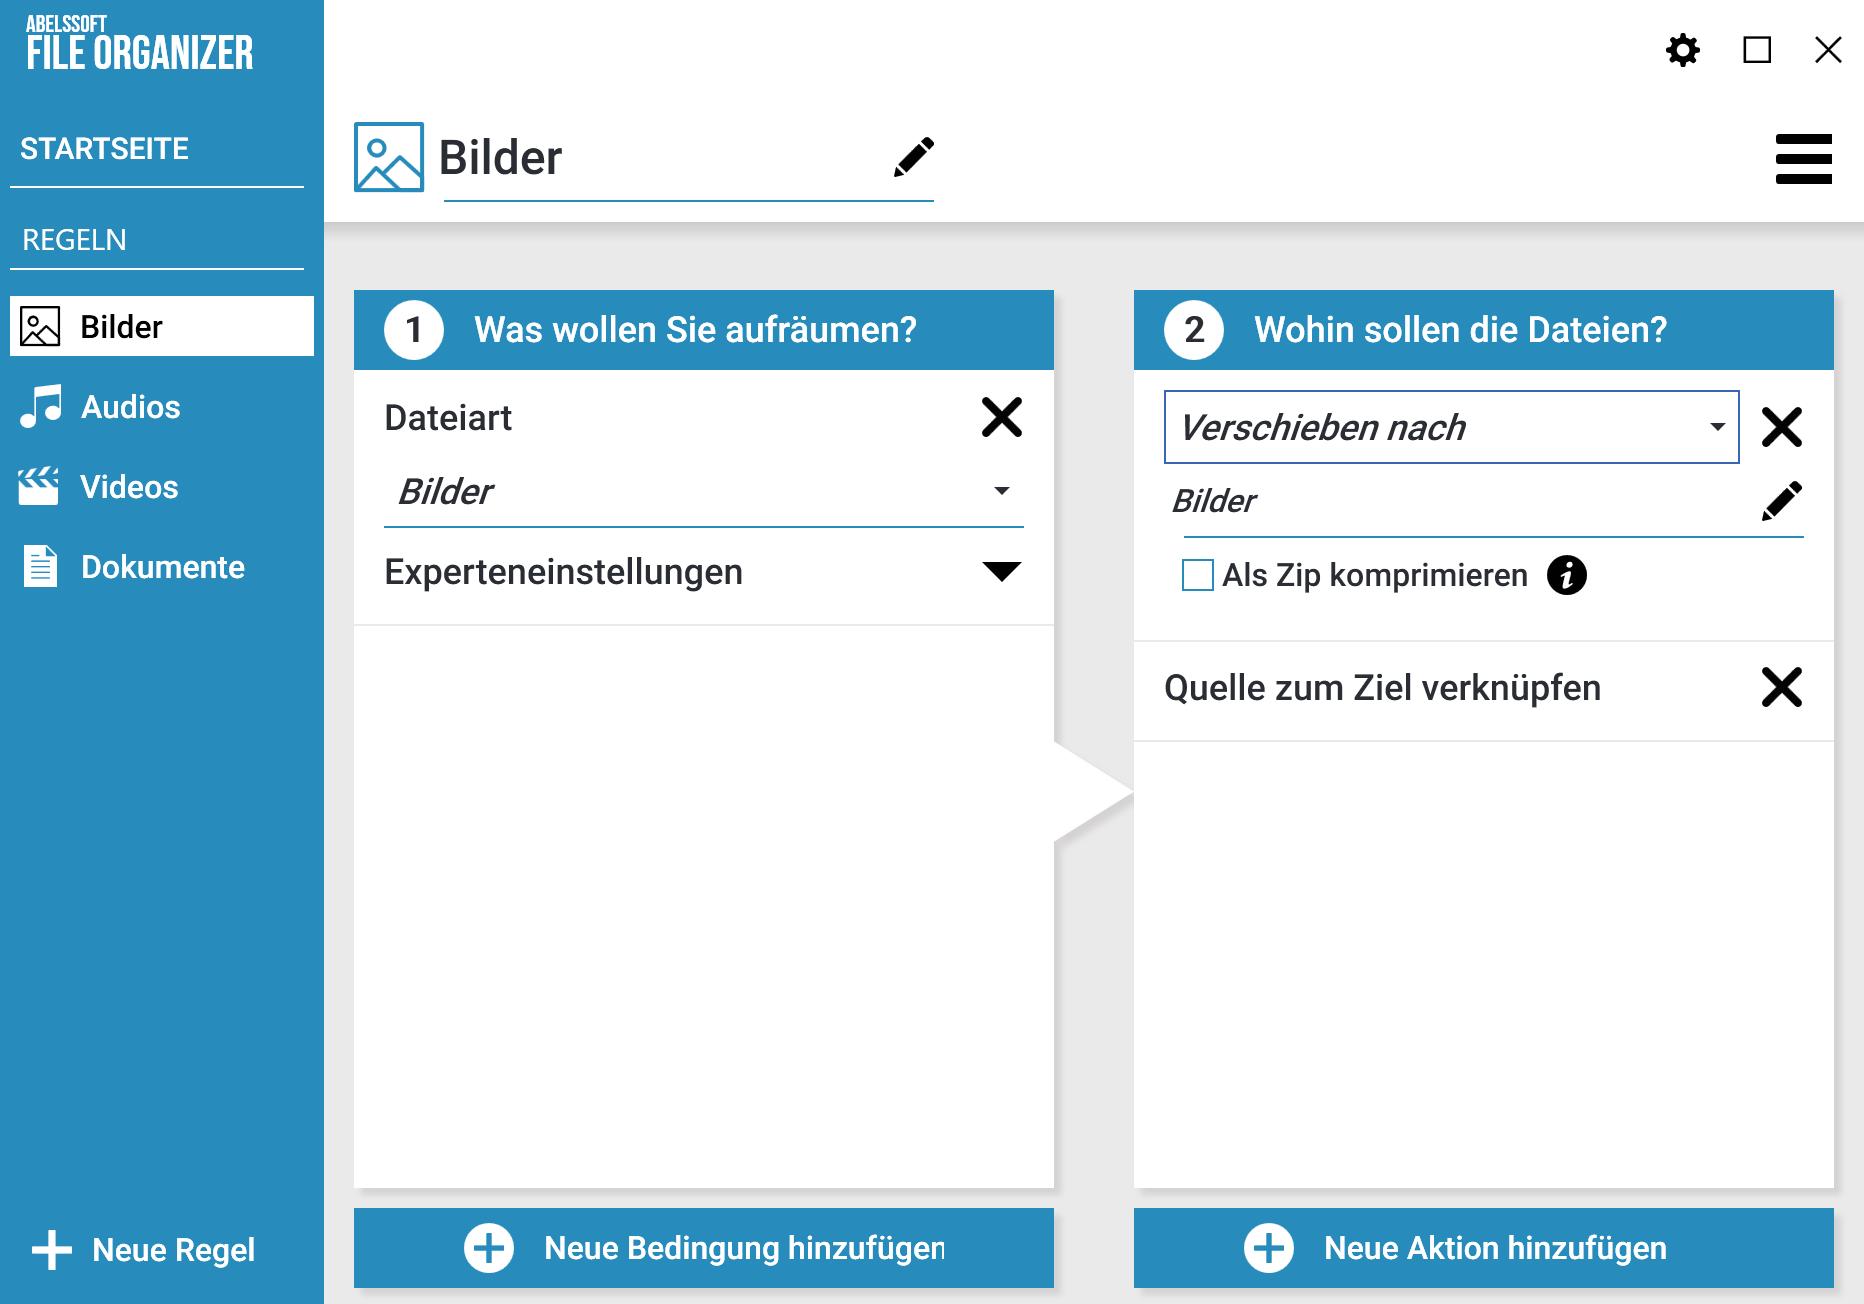 Desktop automatisch aufräumen - Bilder-Ordner